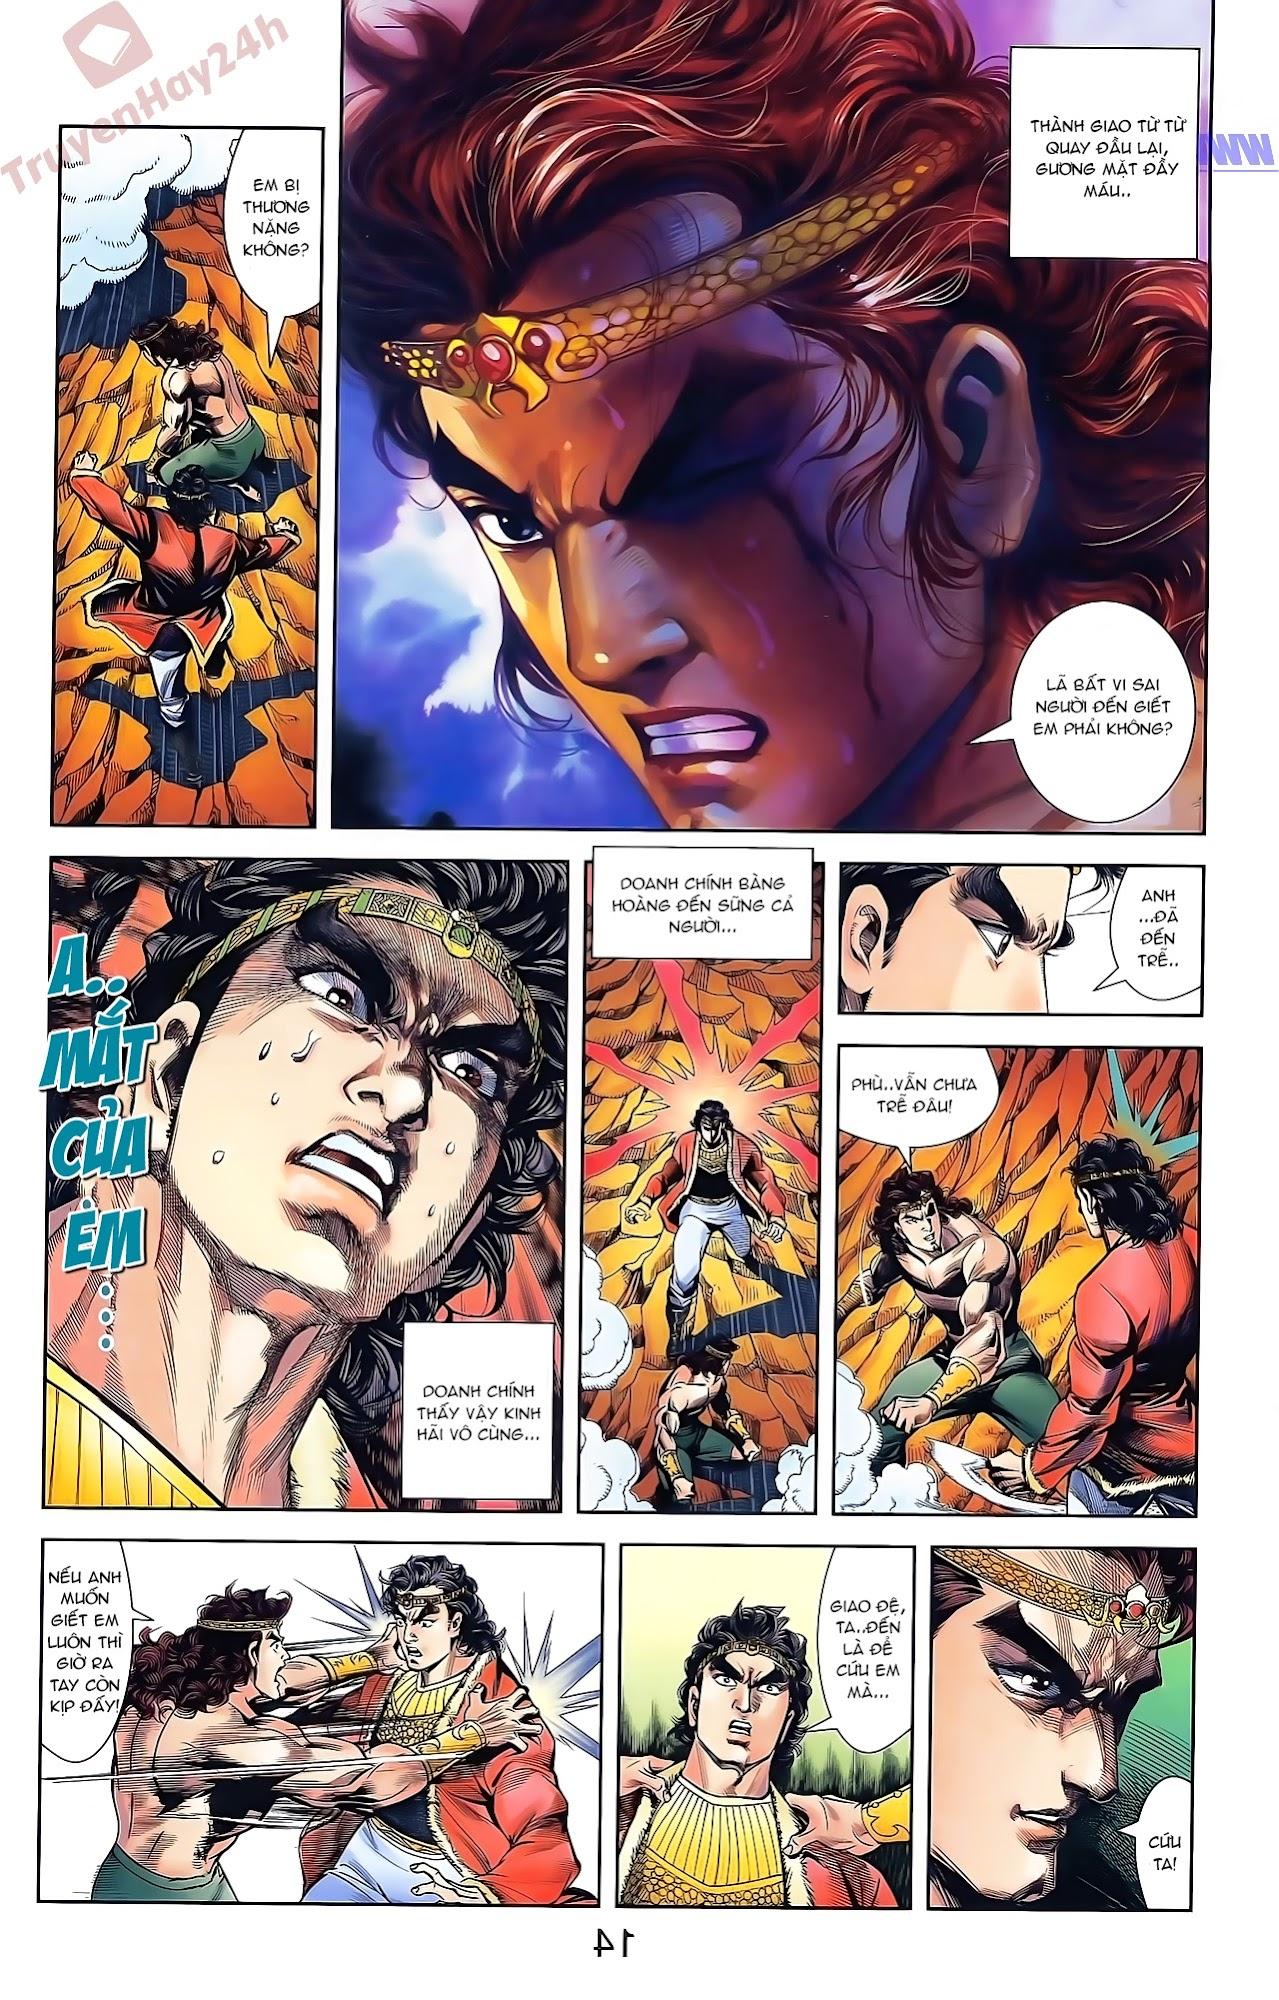 Tần Vương Doanh Chính chapter 45 trang 12